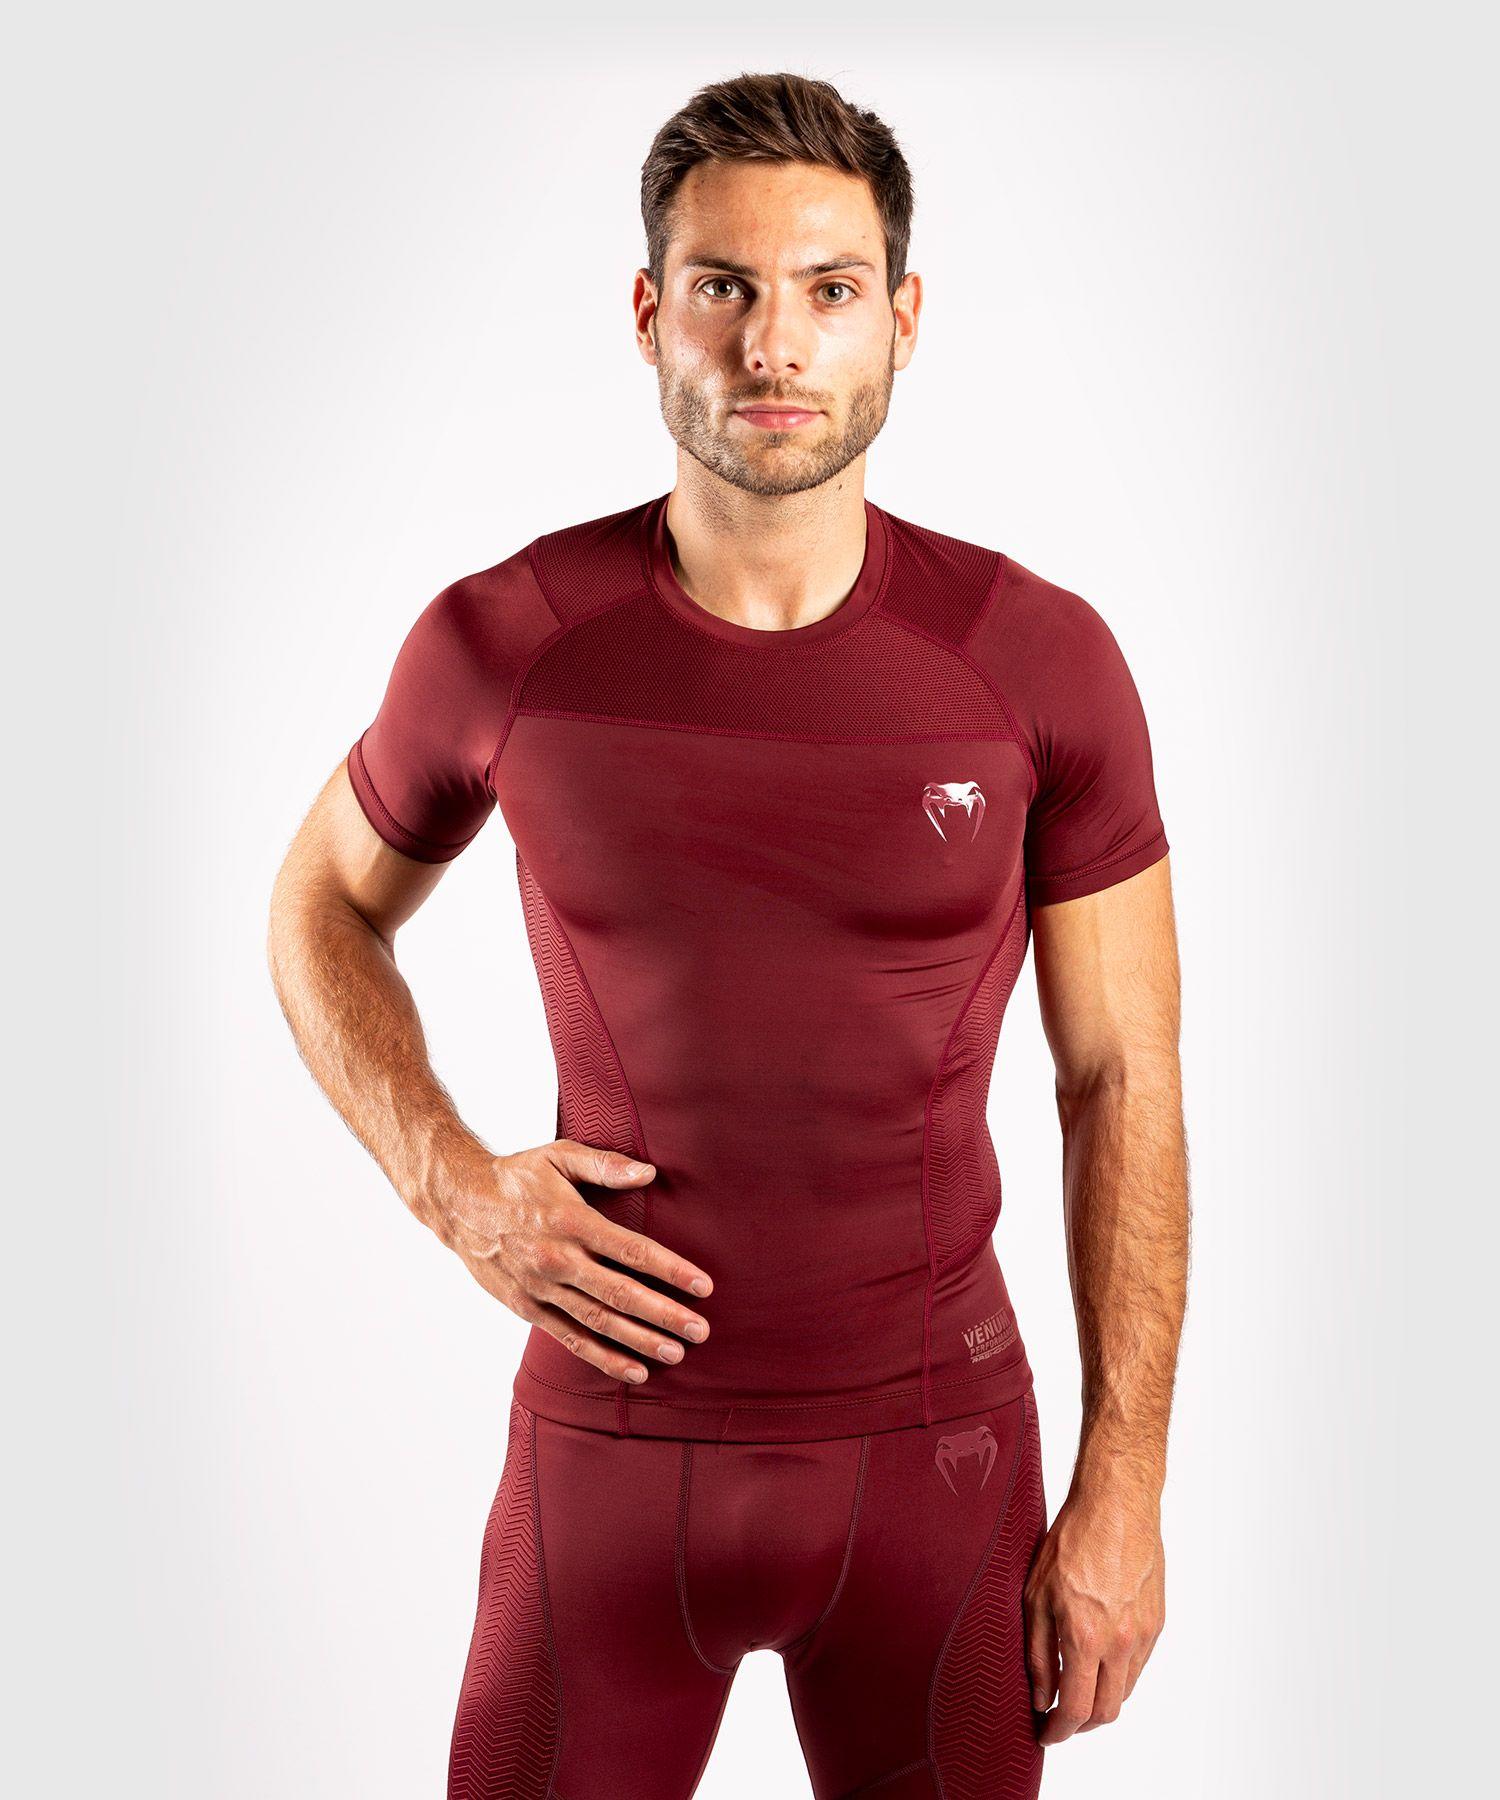 Venum G-Fit Rashguard - Short Sleeves - Burgundy